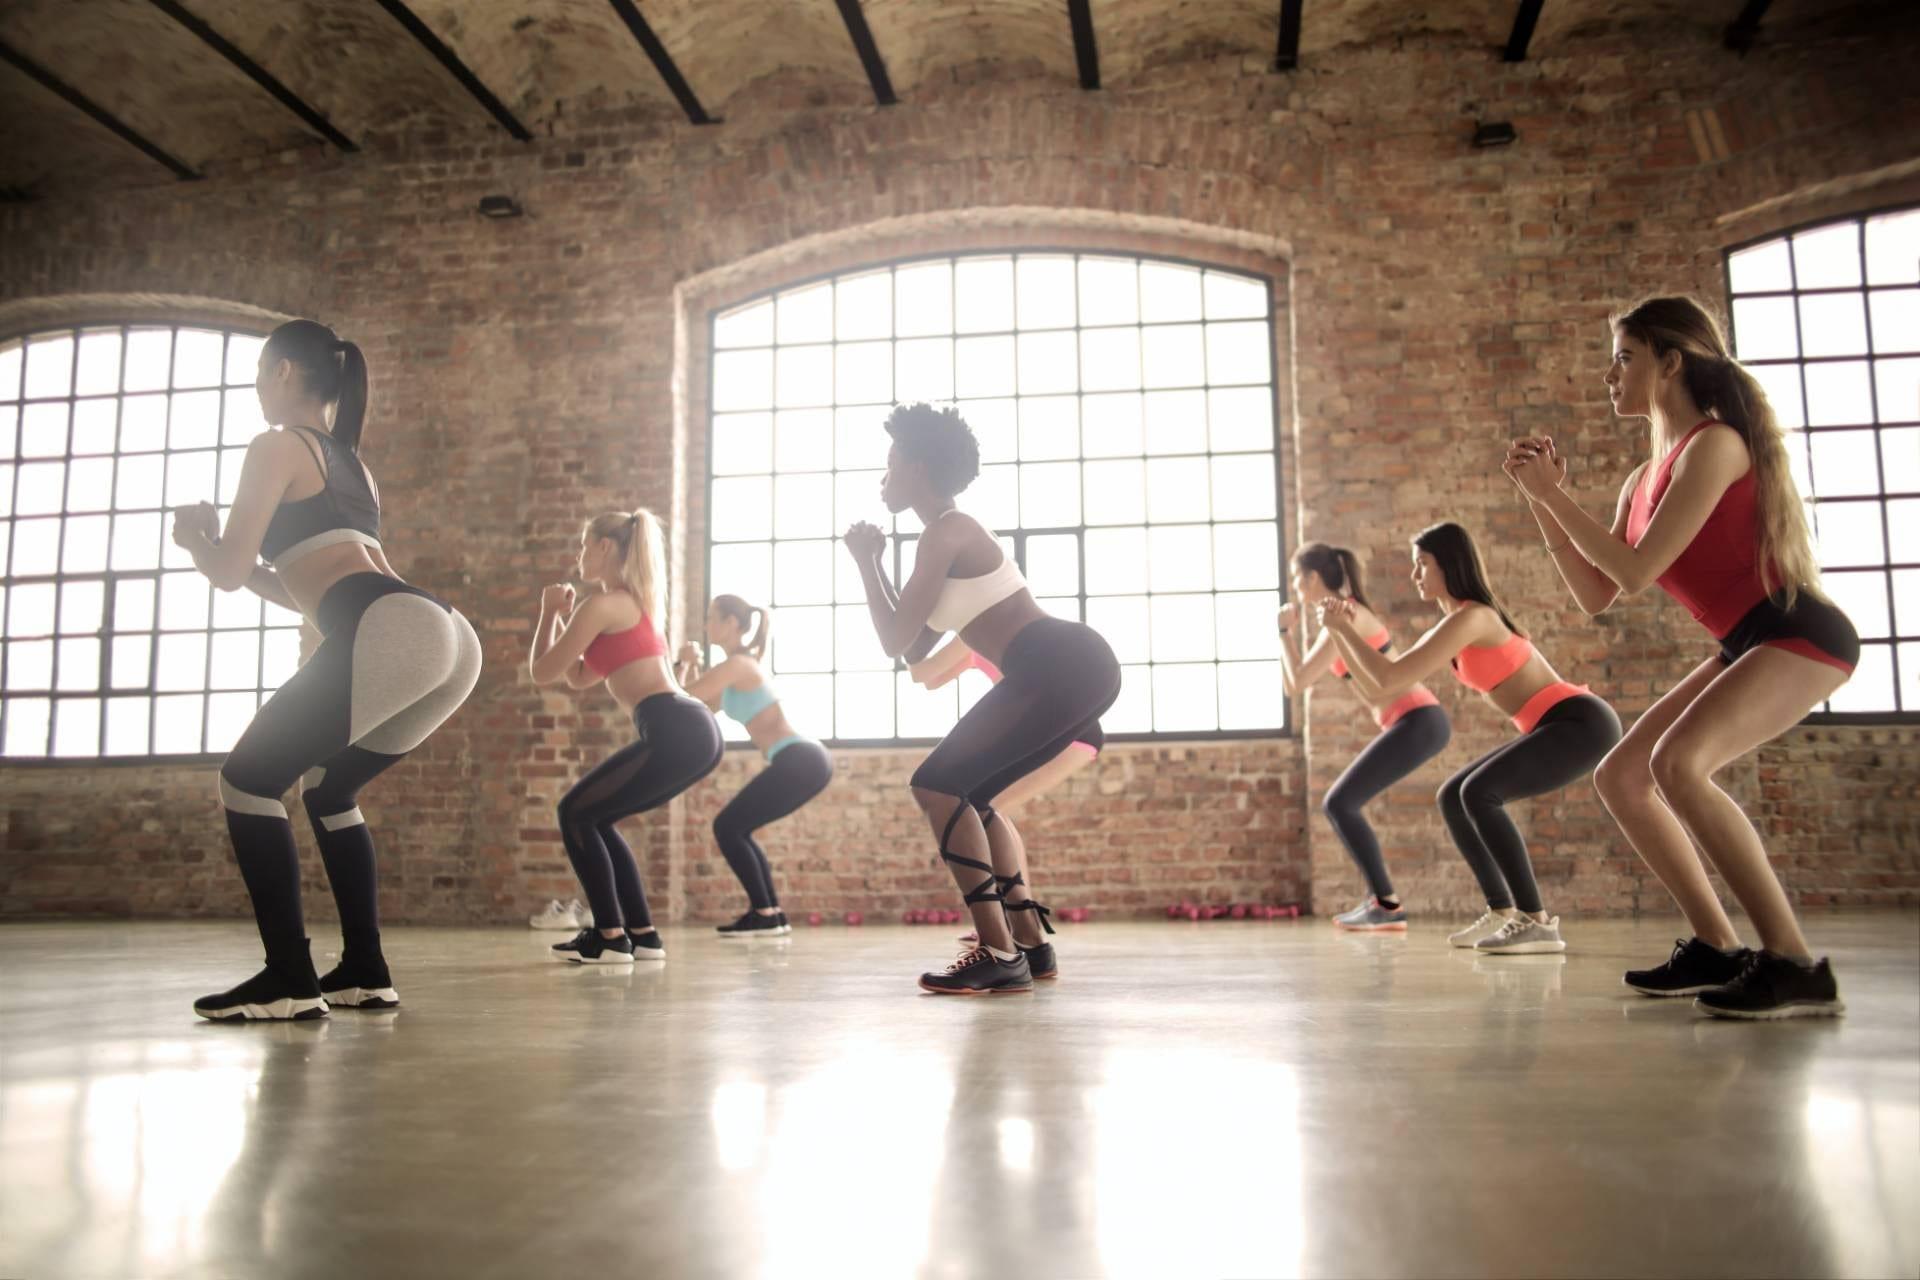 Exercise Bum